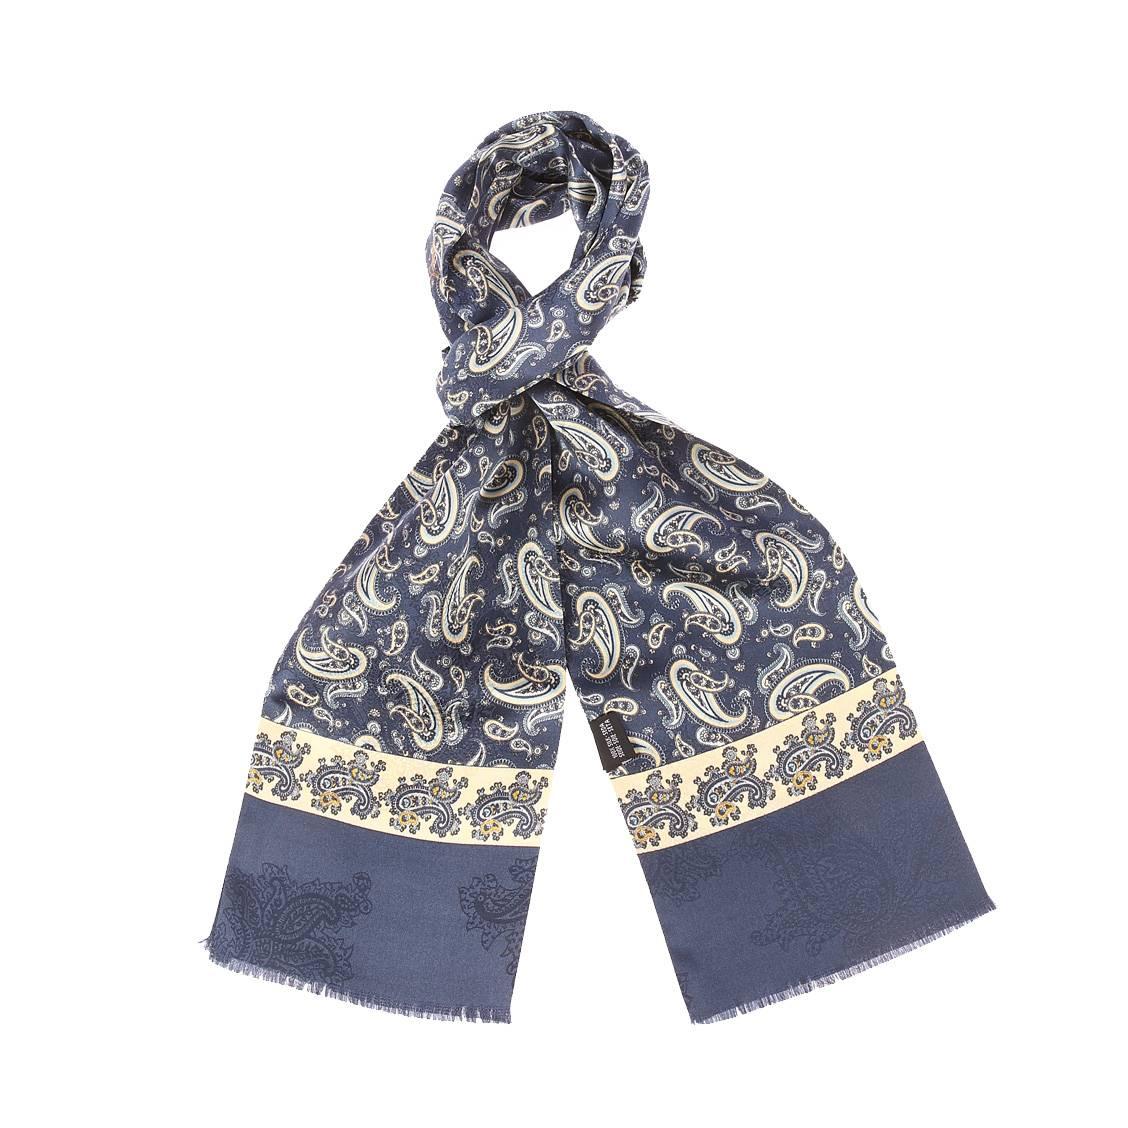 Echarpe en soie Touche finale bleu marine à motifs cachemires bleu marine et dorés. Echarpe en soie homme Touche Finale   - Soie (%) - M